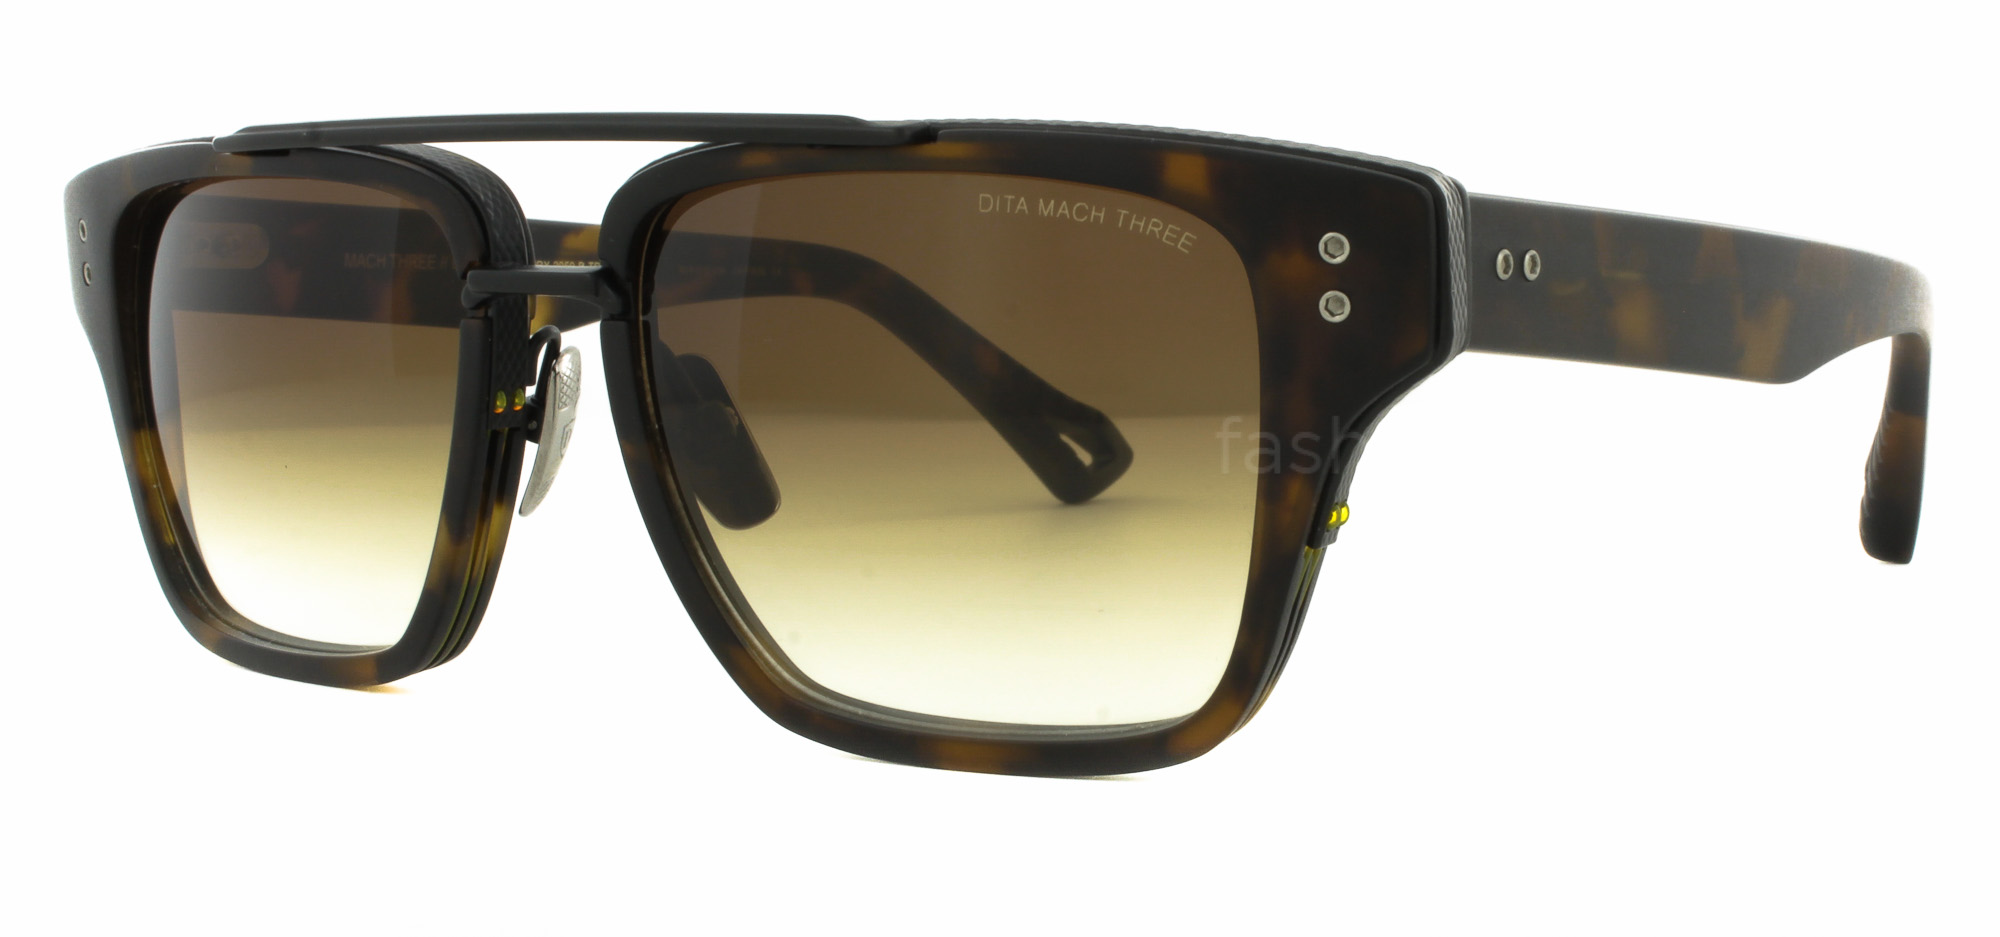 f626d7d2651 Dita MACH-THREE 2059 Sunglasses